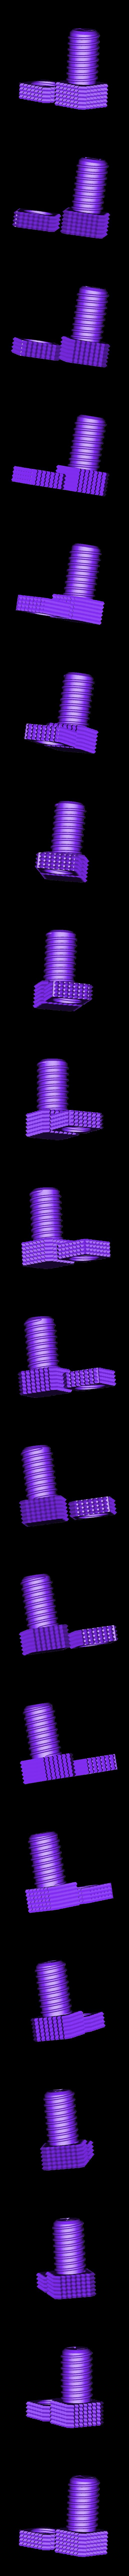 Z_Screw__Z_Nut.stl Download free STL file Z Screw & Z Nut • 3D printable template, Zortrax